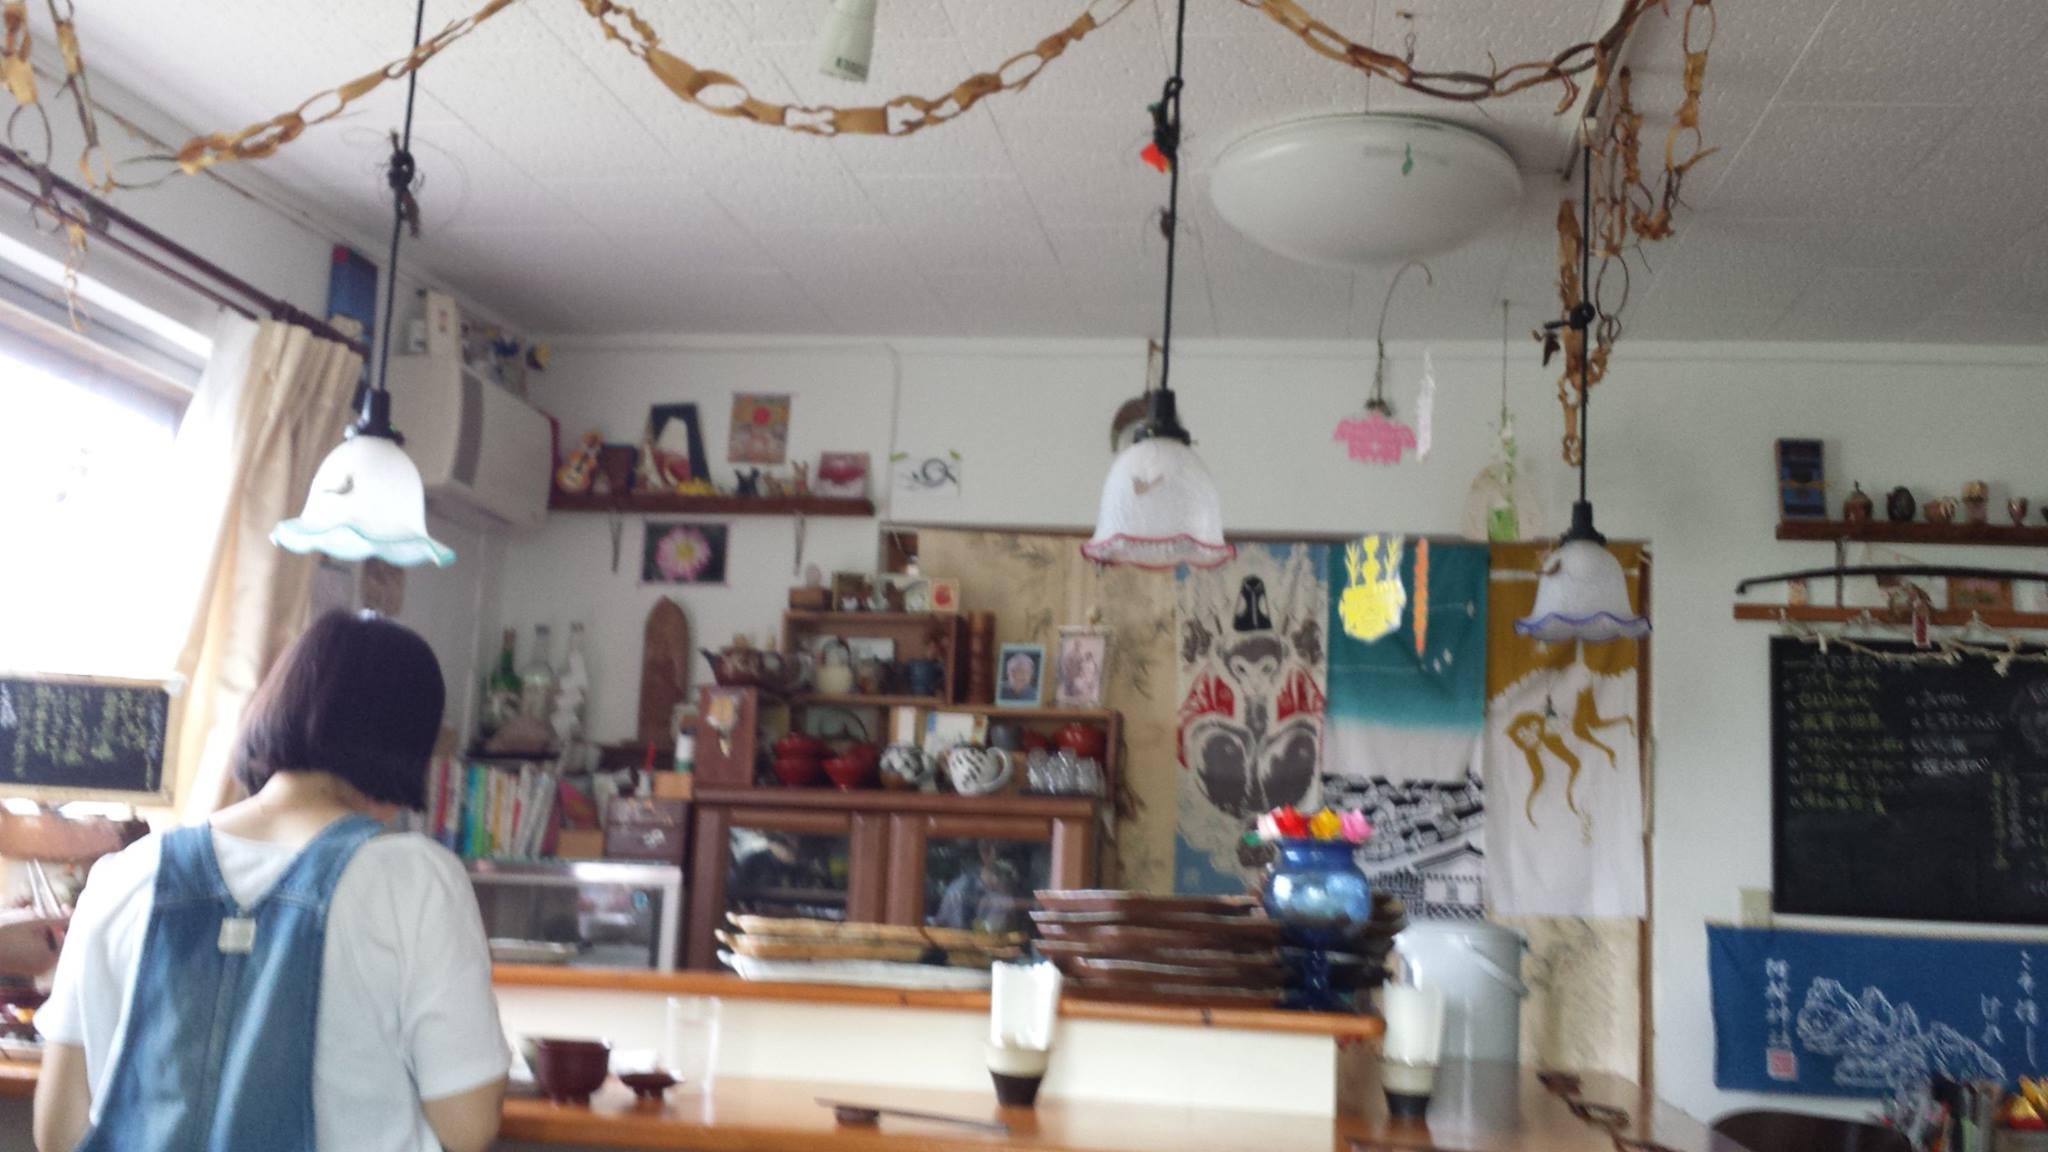 佐藤初女さん直伝のおむすびが食べられる沖縄の「めぇみち」_f0186787_1804480.jpg